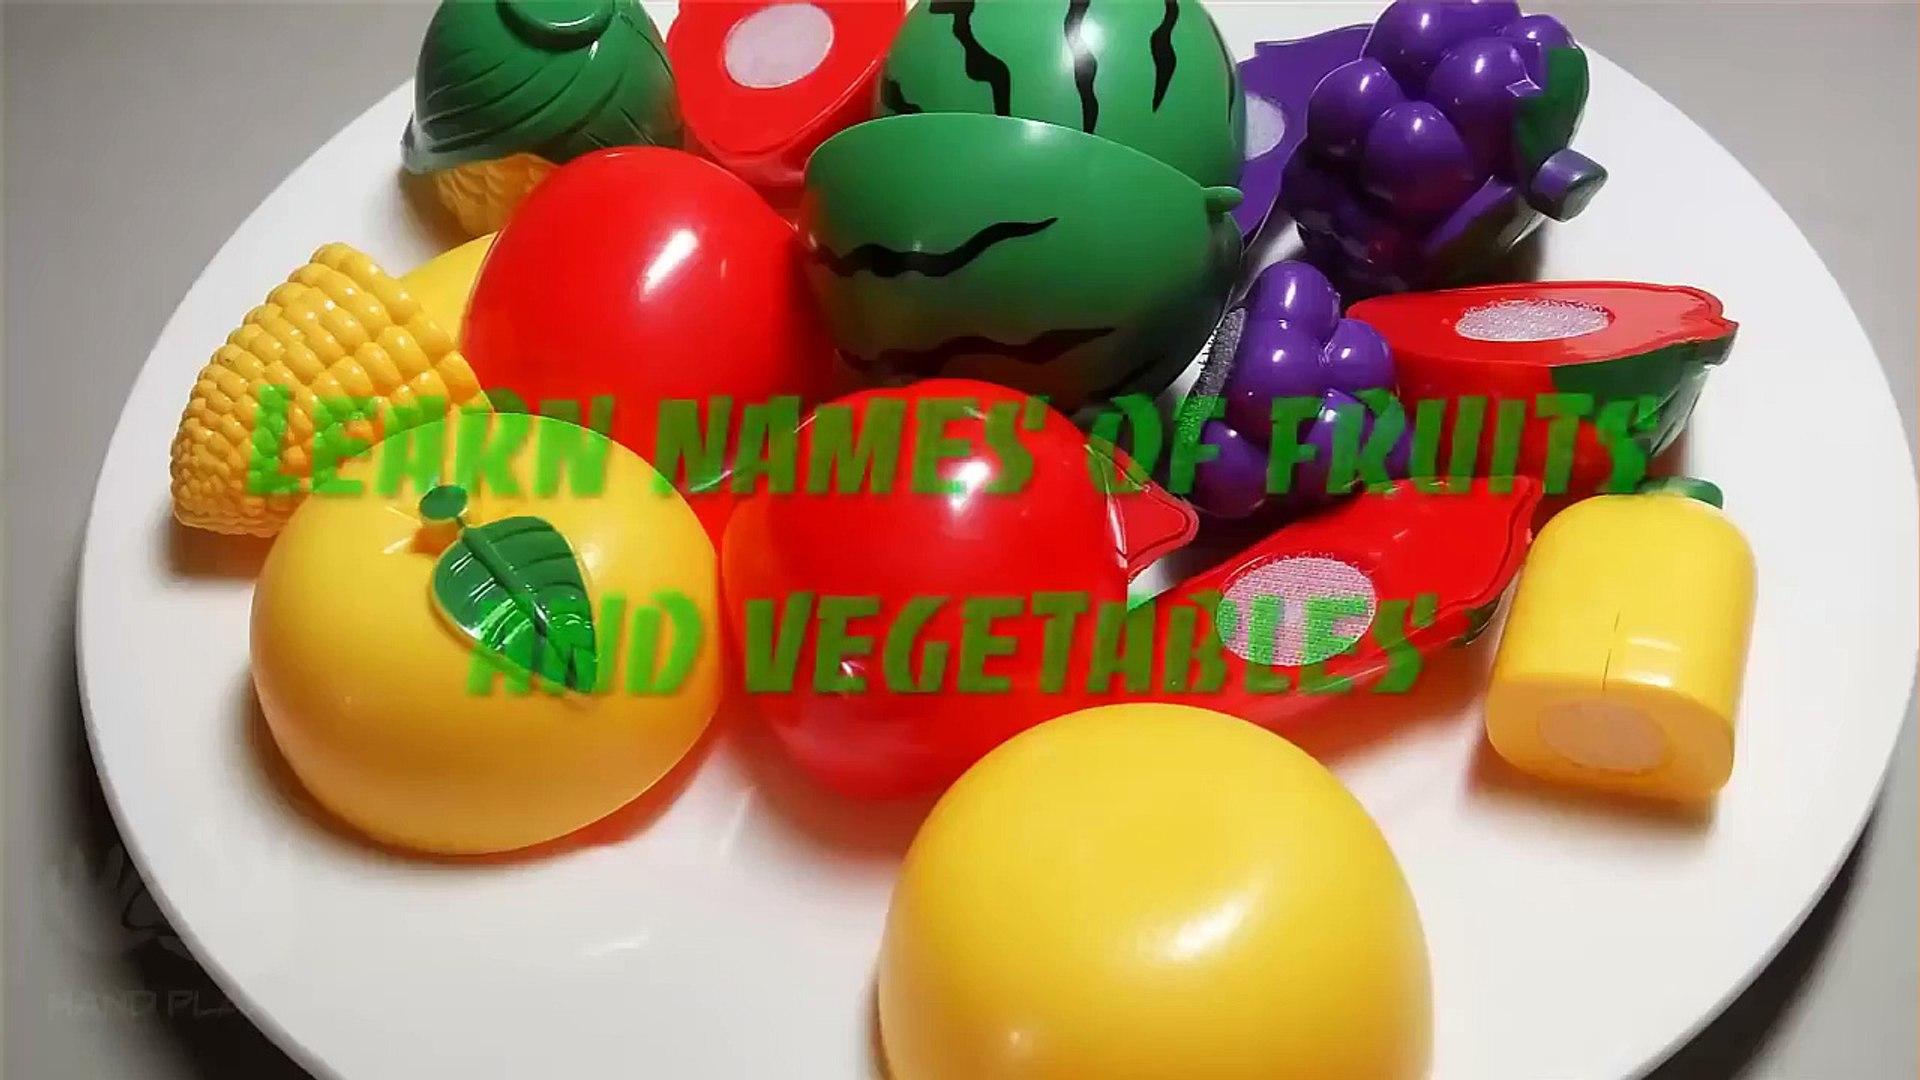 И резка фрукты Узнайте имен из игрушка овощи липучка с Esl asm